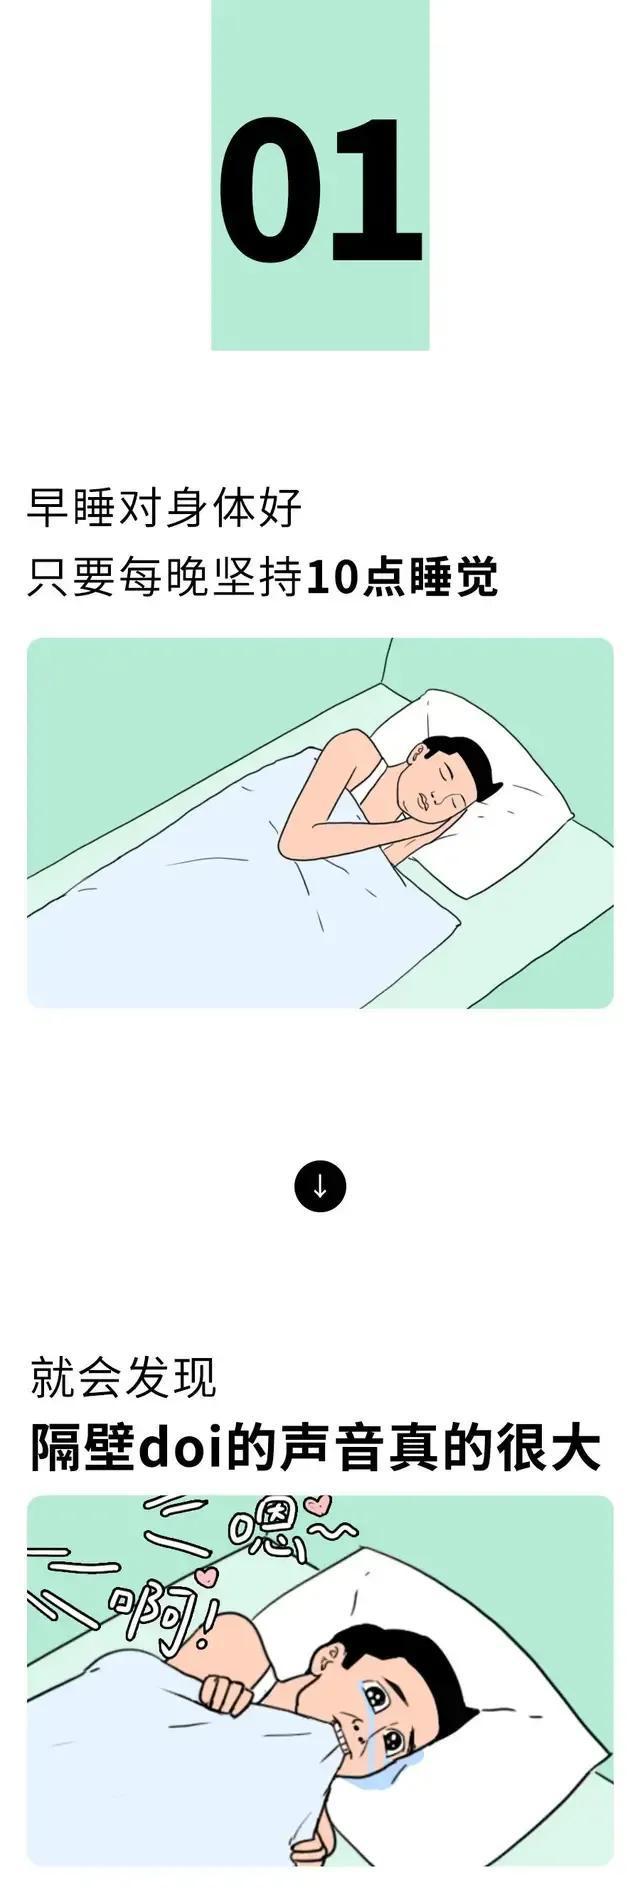 成人漫画在线,漫画‖成年人欲望翻车现场